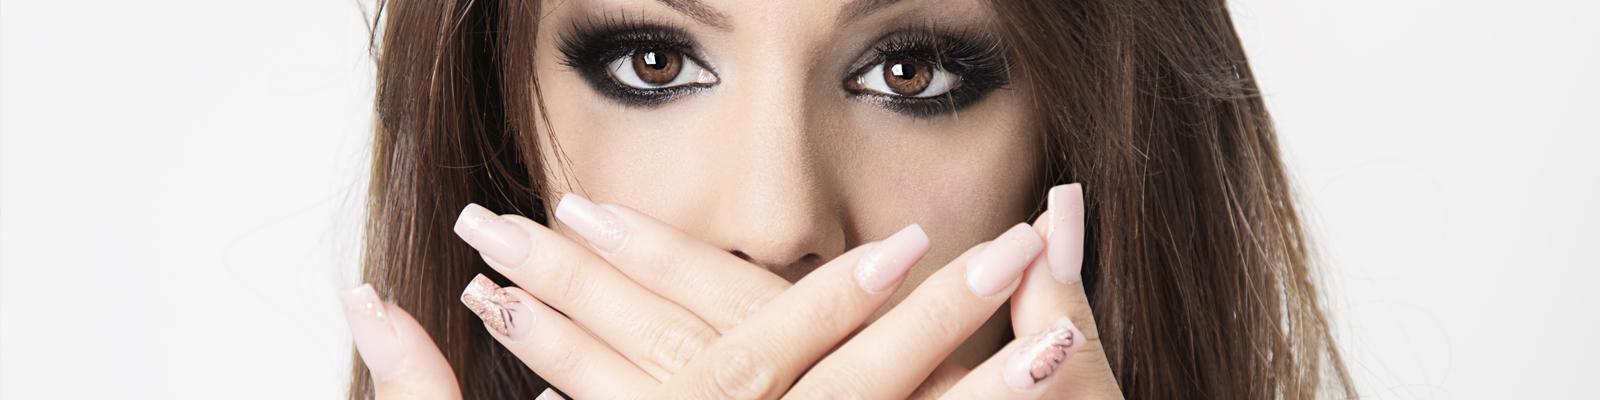 Modella con unghie ricostruite e mani sulla bocca